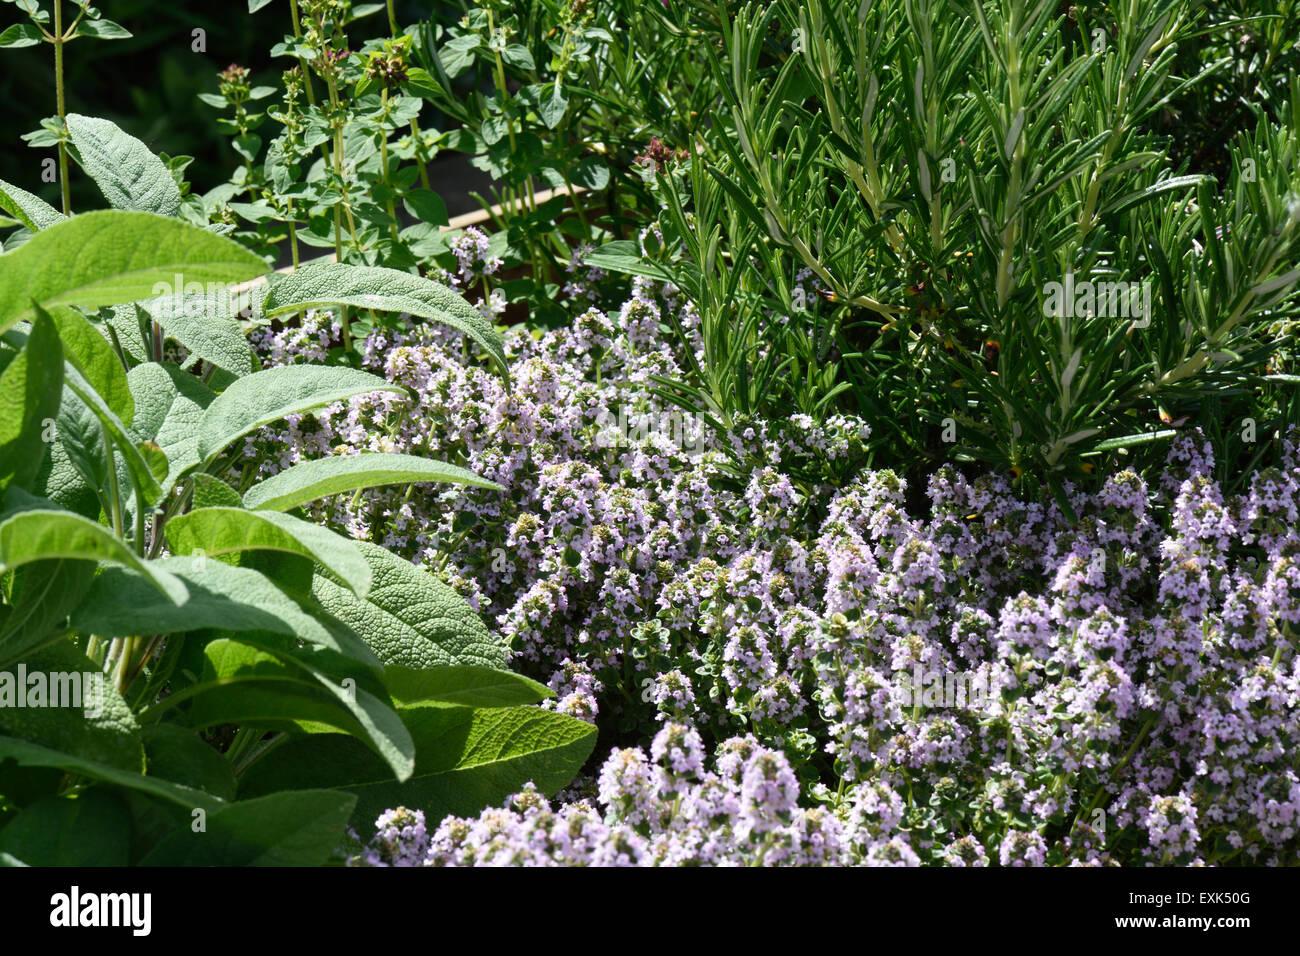 Letto rialzato per le erbe aromatiche, rosmarino, timo ...